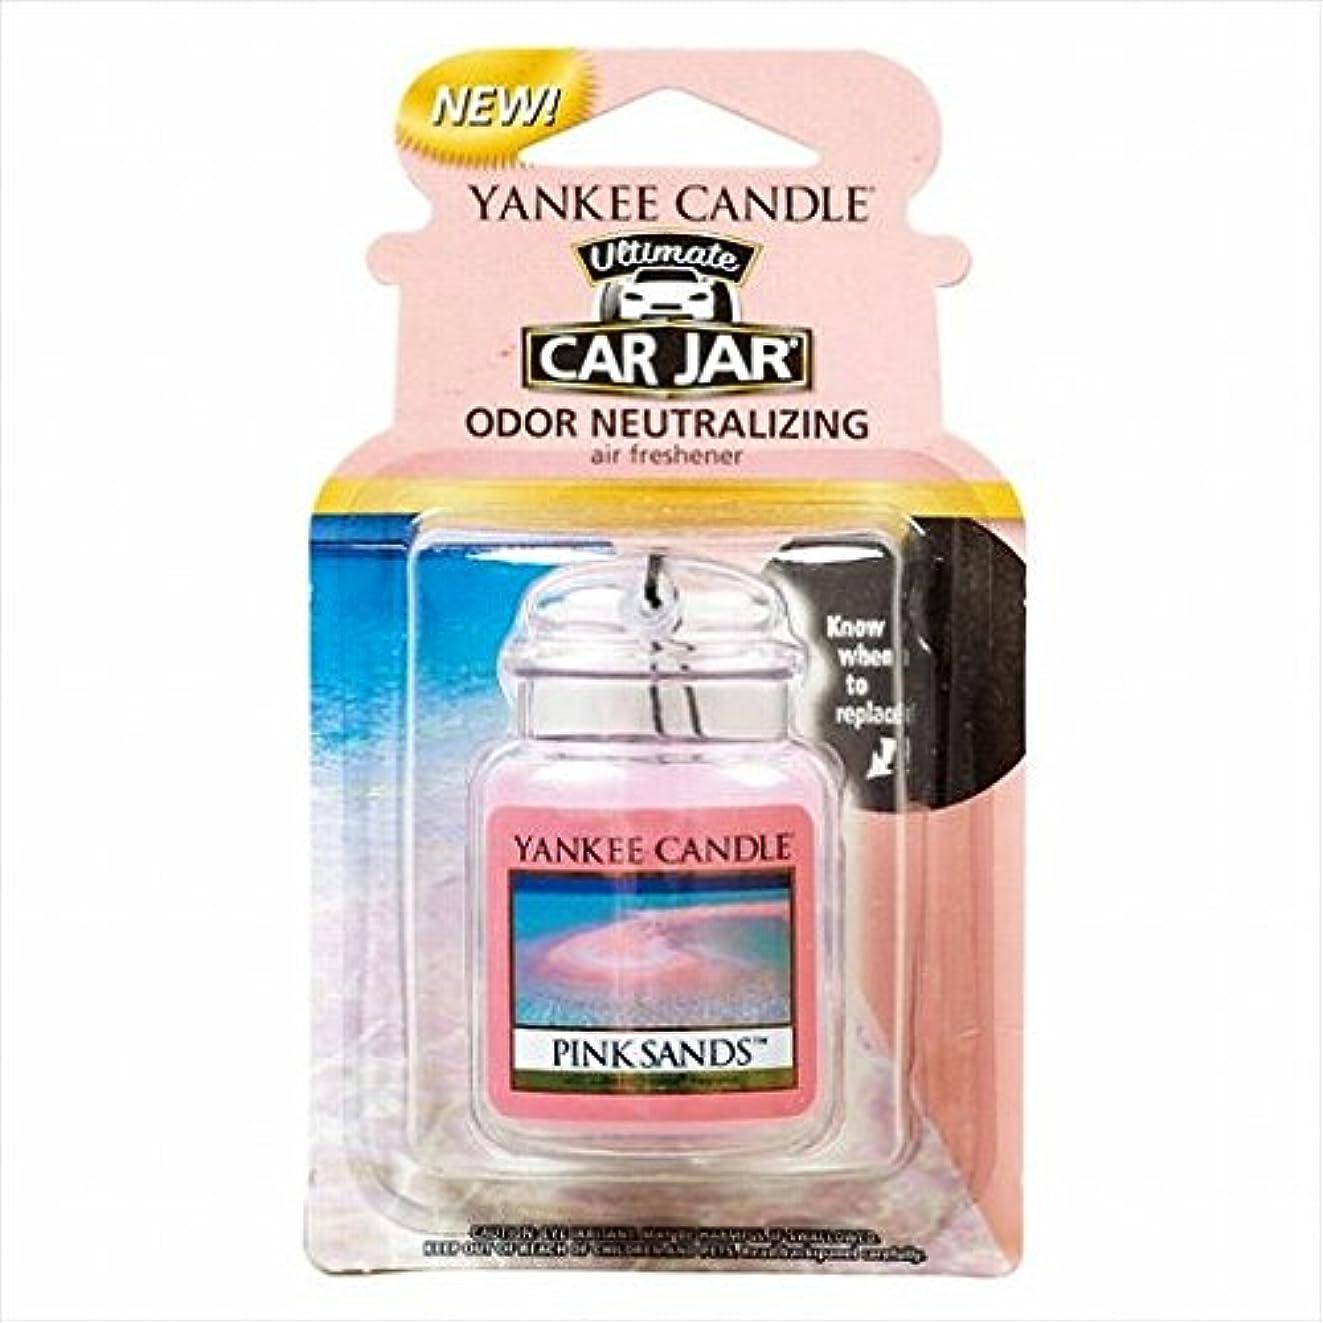 汚れる雷雨再びカメヤマキャンドル( kameyama candle ) YANKEE CANDLE ネオカージャー 「 ピンクサンド 」